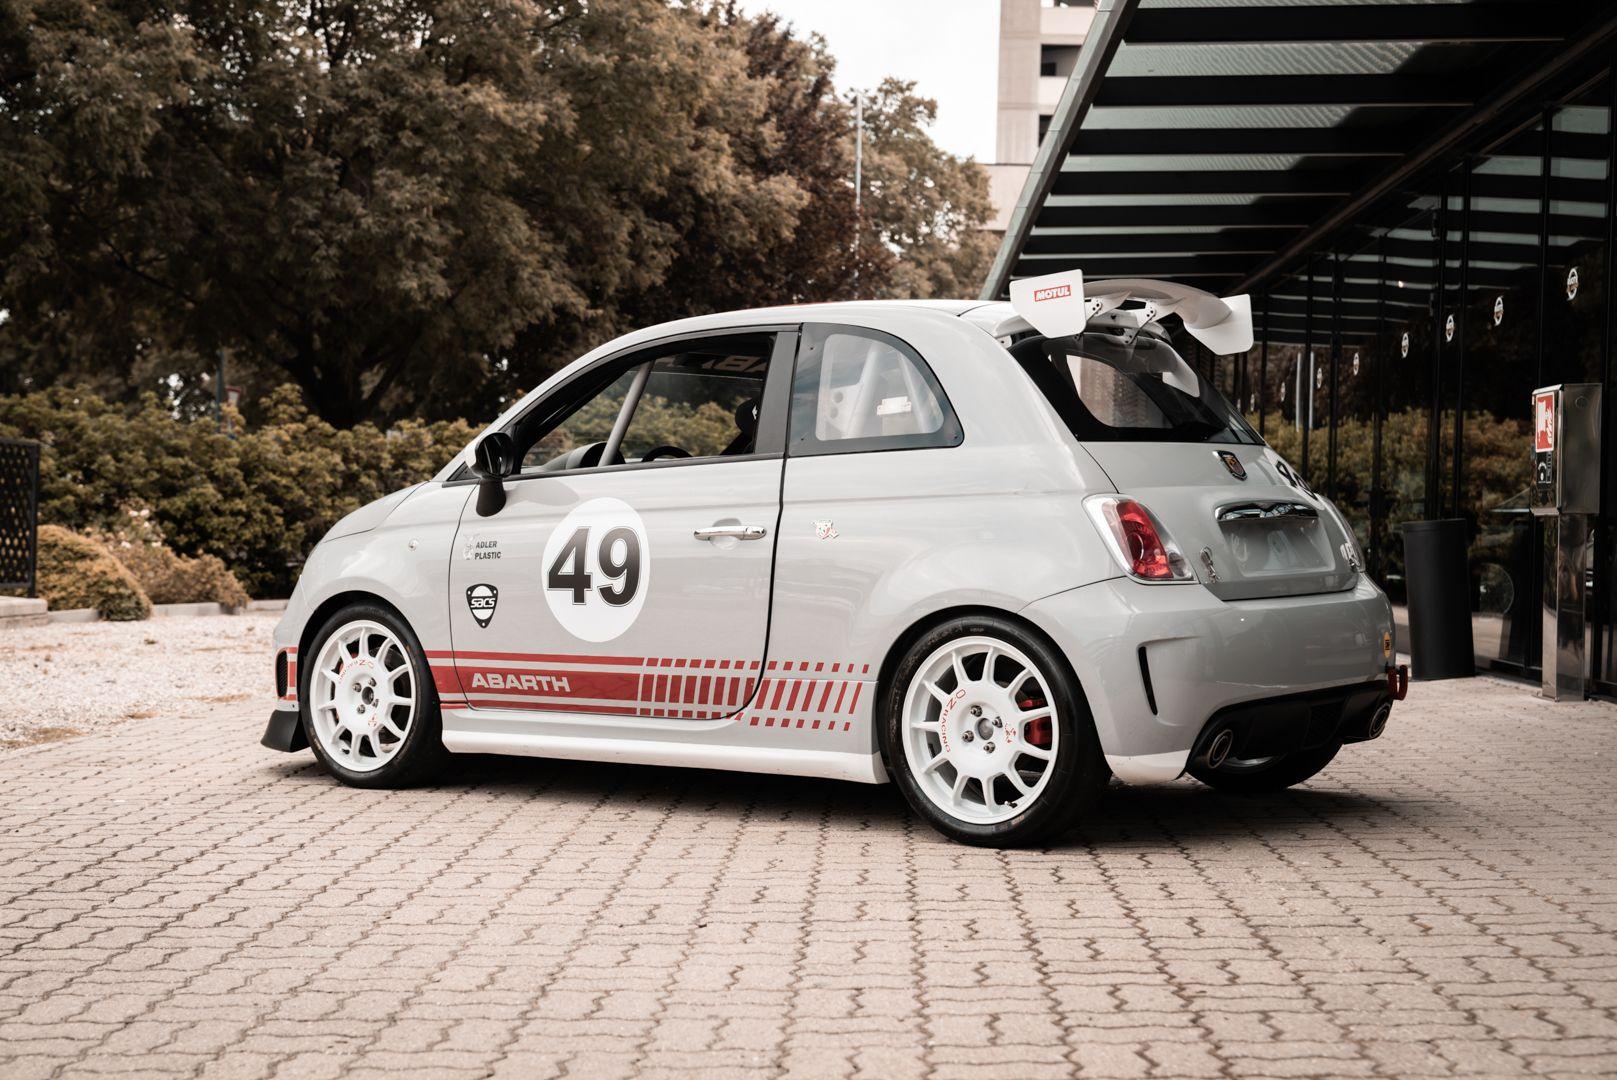 2008 Fiat 500 Abarth Assetto Corse 45/49 77346